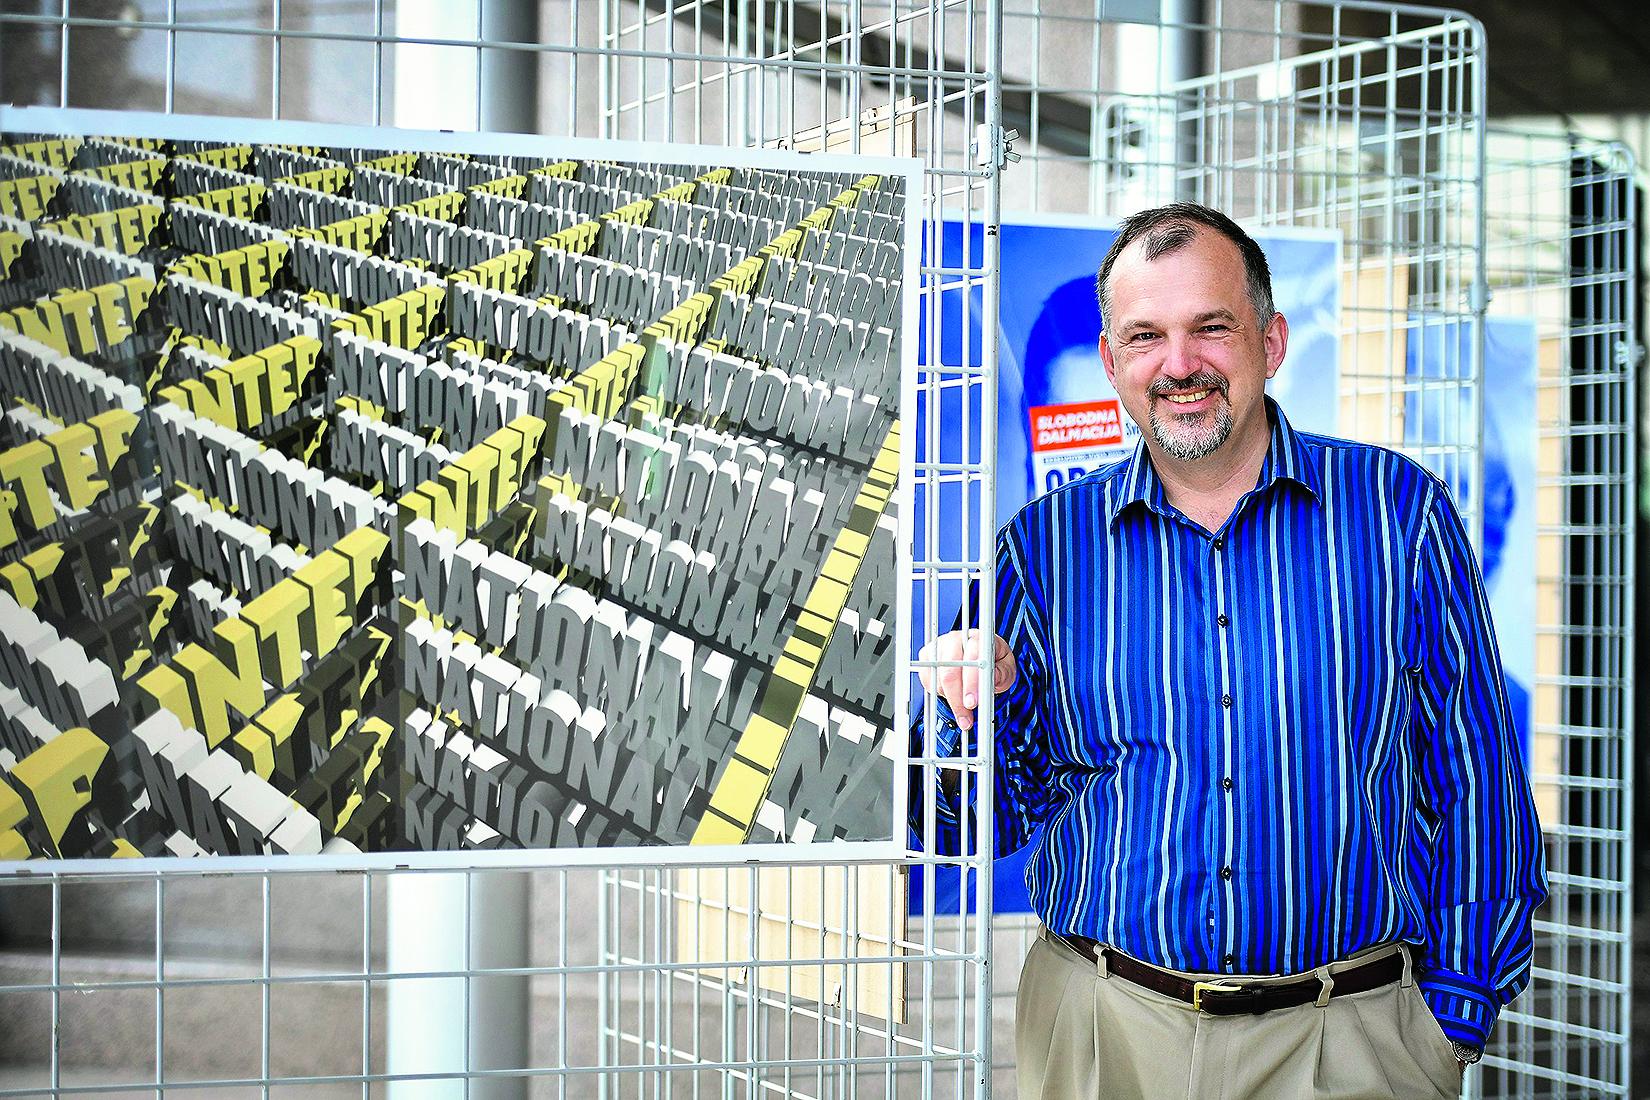 Zagreb, 250417. Poduzetnik i filantrop Kresimir Penavic, fotografiran u NSK. Foto: Boris Kovacev / CROPIX